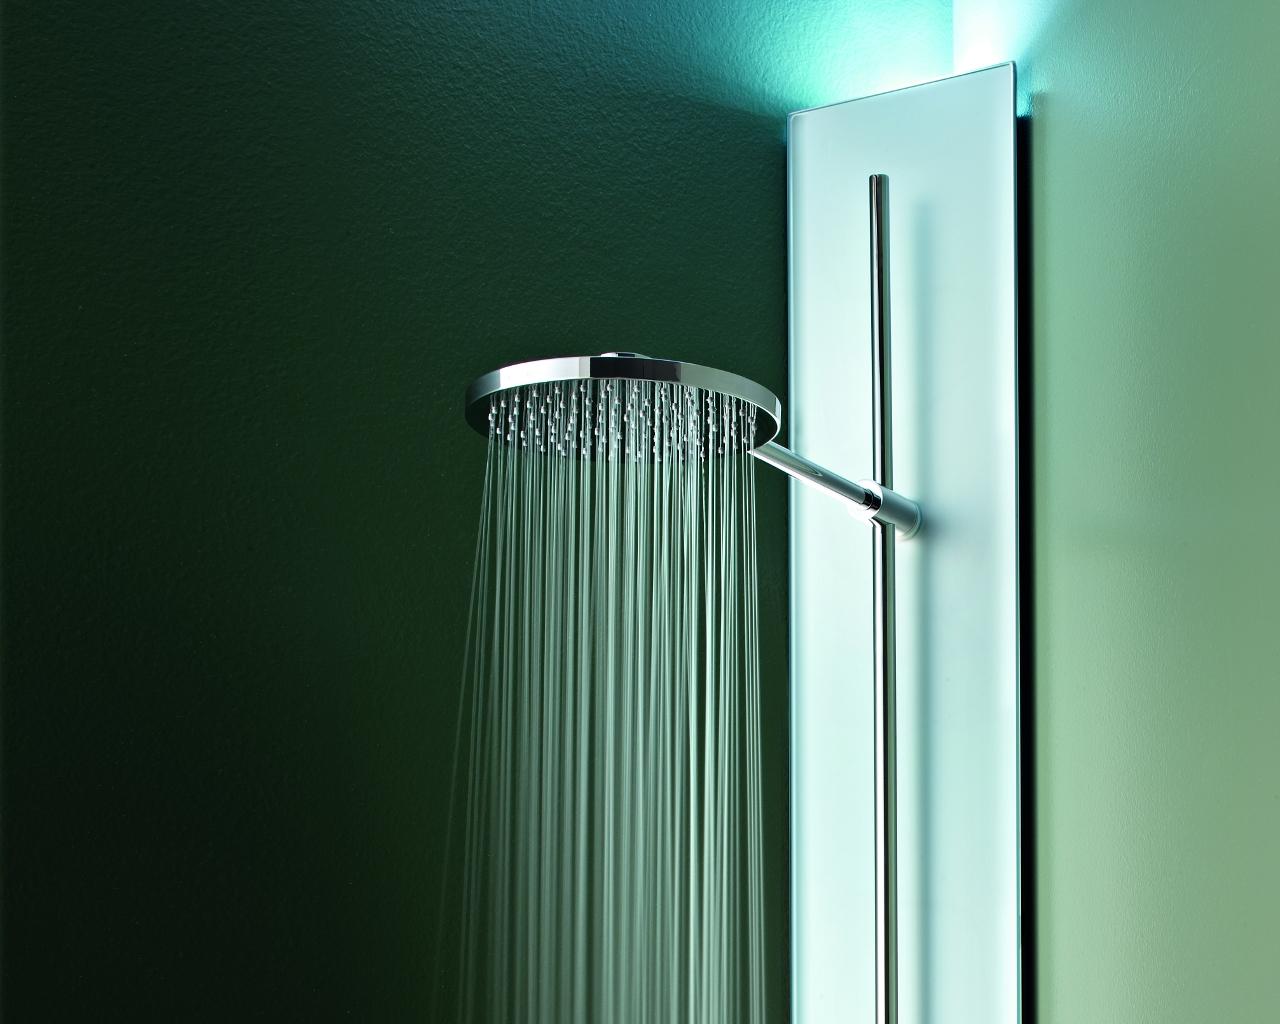 prodotti di fantini rubinetterie per arredobagno cllat spa. Black Bedroom Furniture Sets. Home Design Ideas